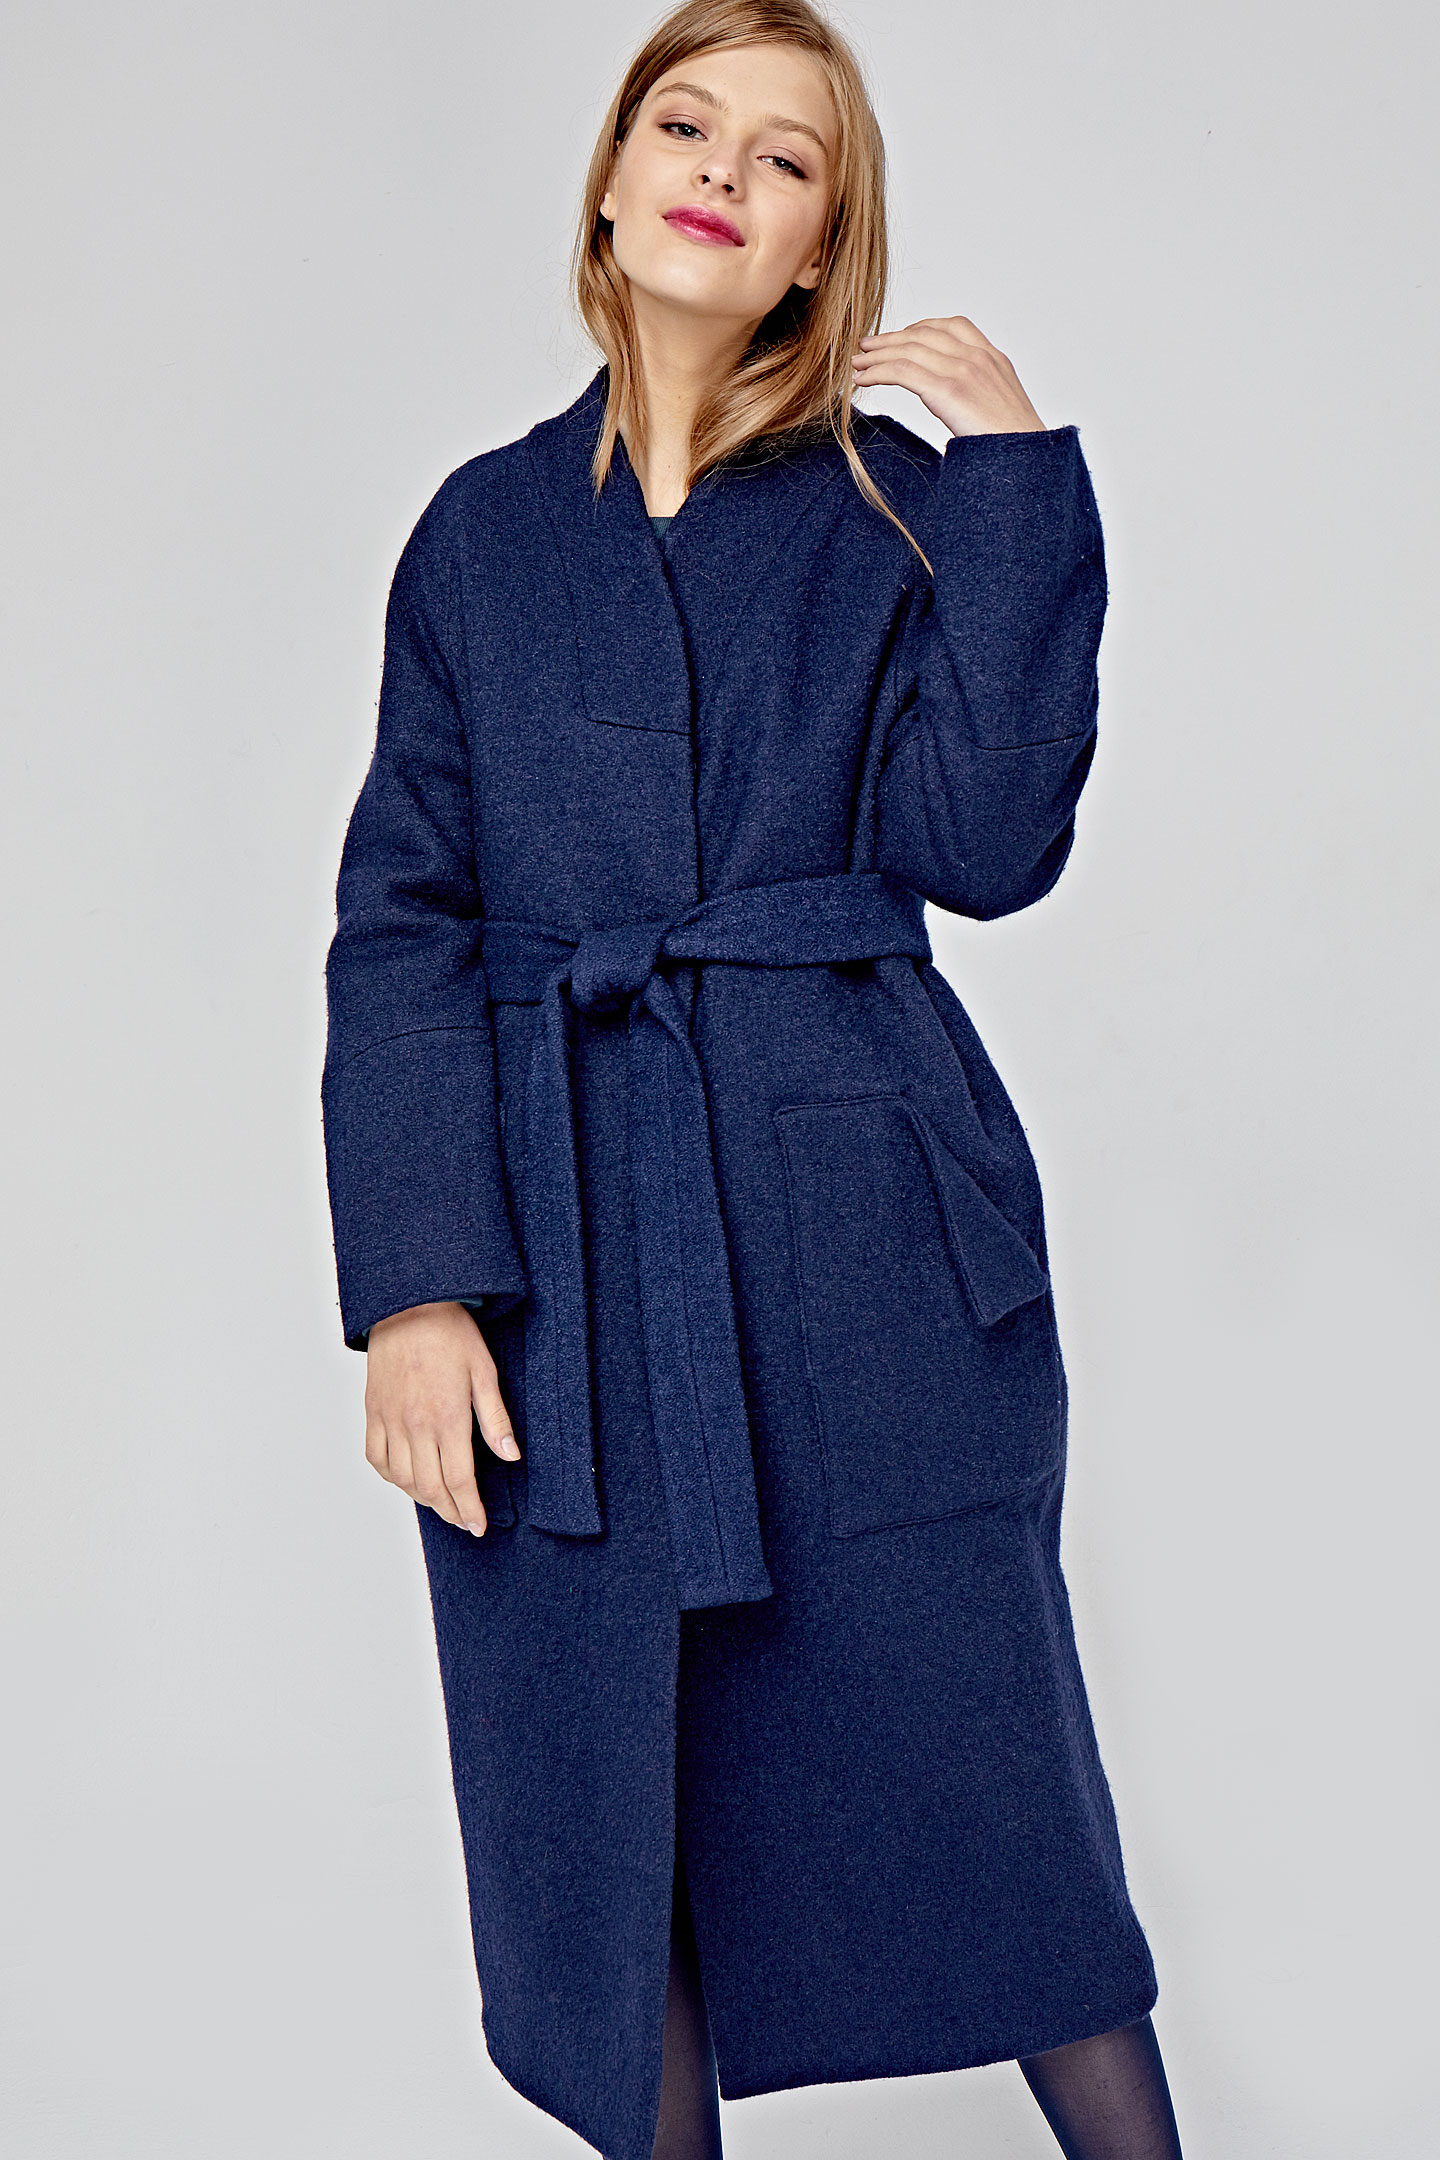 Купить Женскую Зимнюю Одежду В Спб